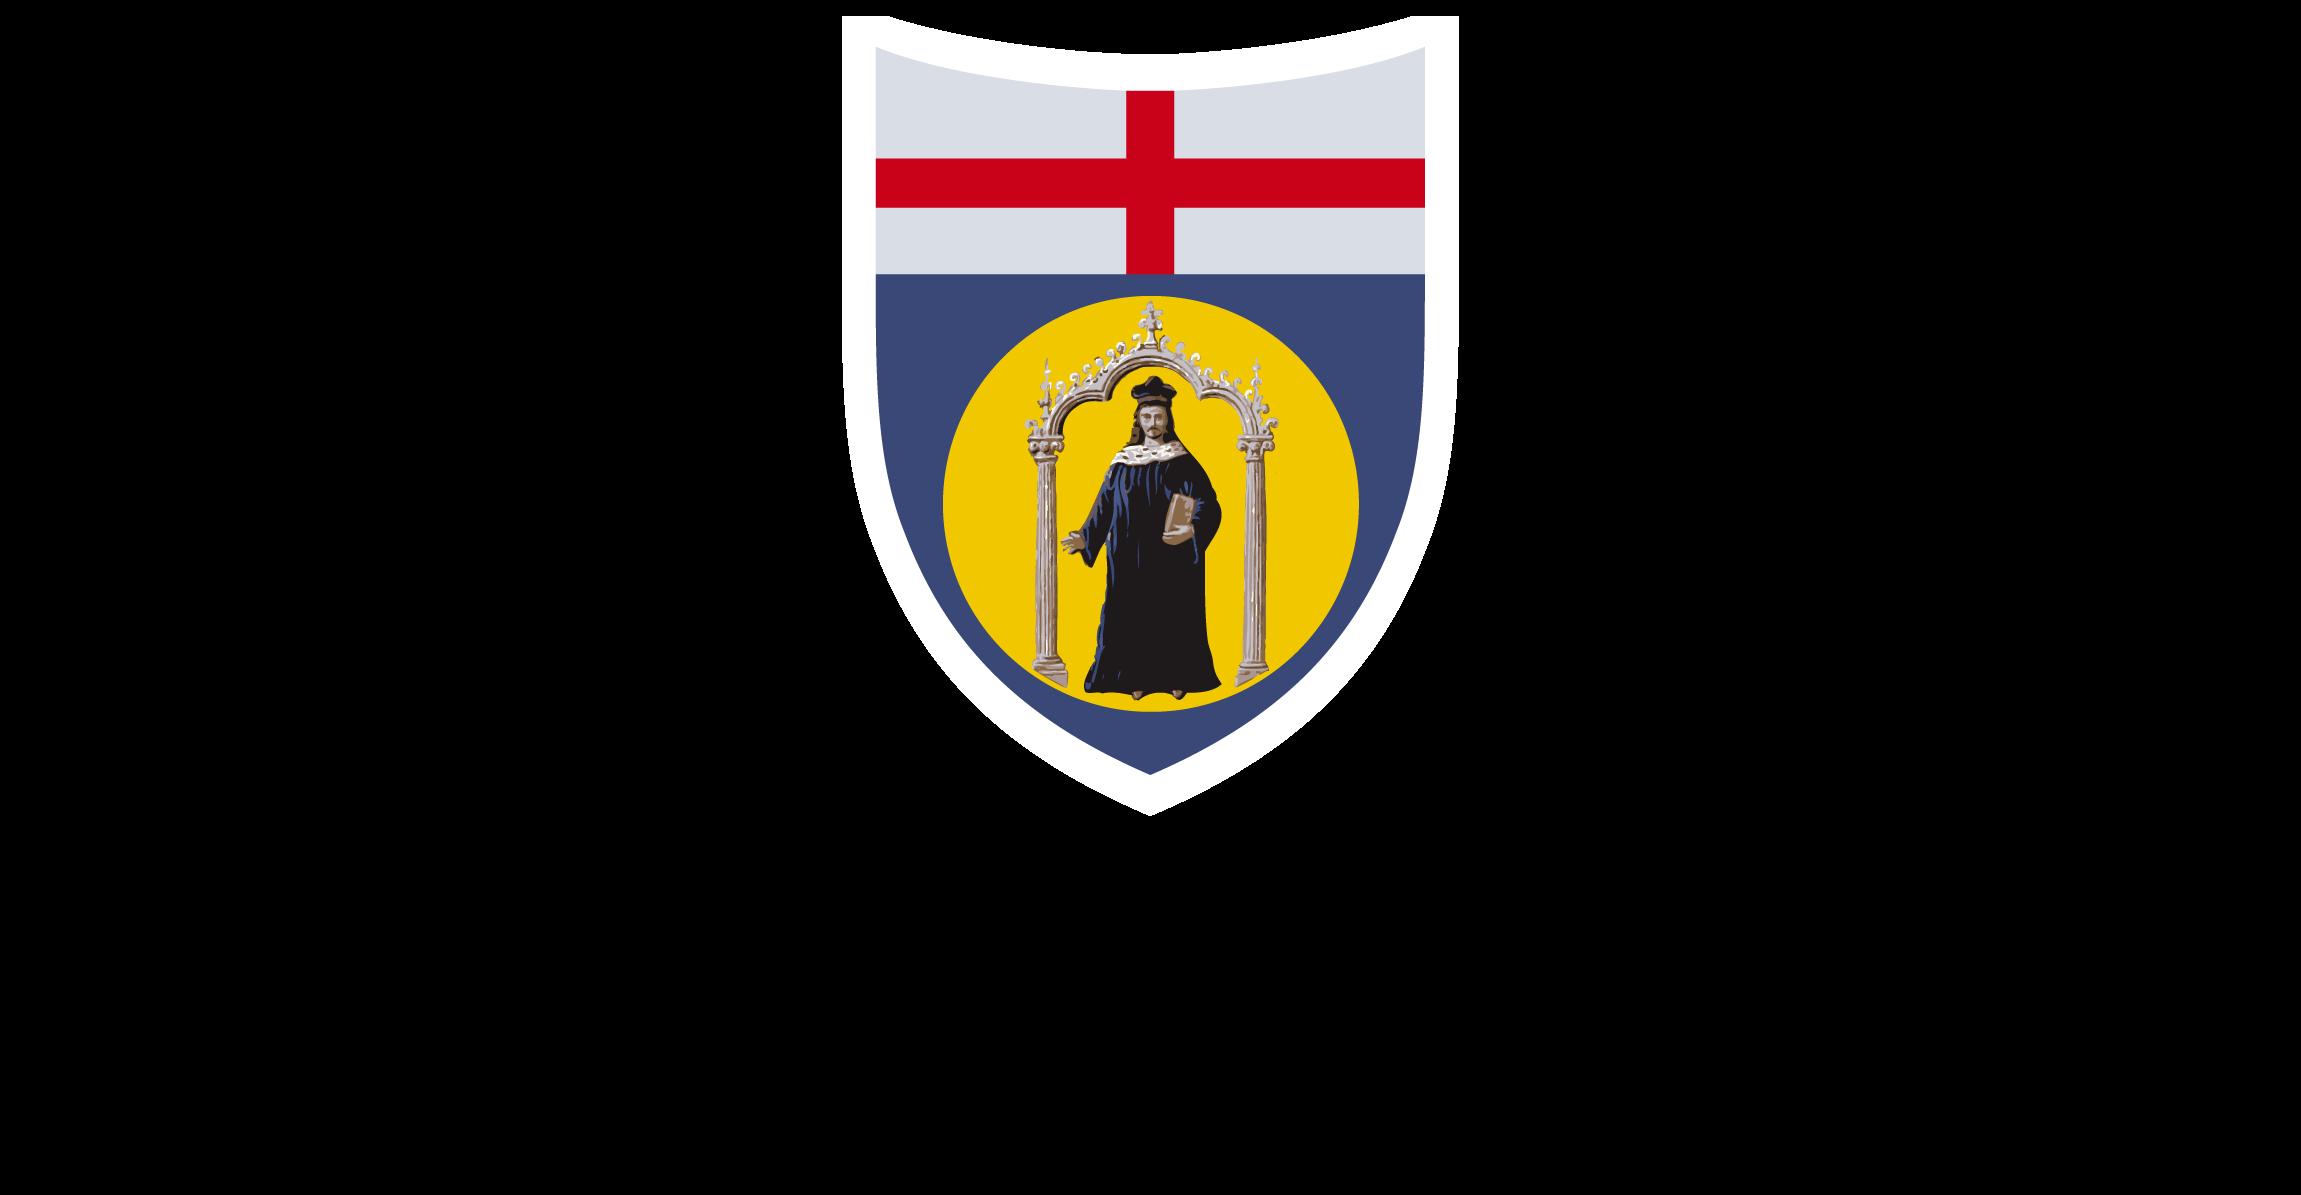 Calendario Esami Unige.Unige Universita Degli Studi Di Genova Info A Portata Di